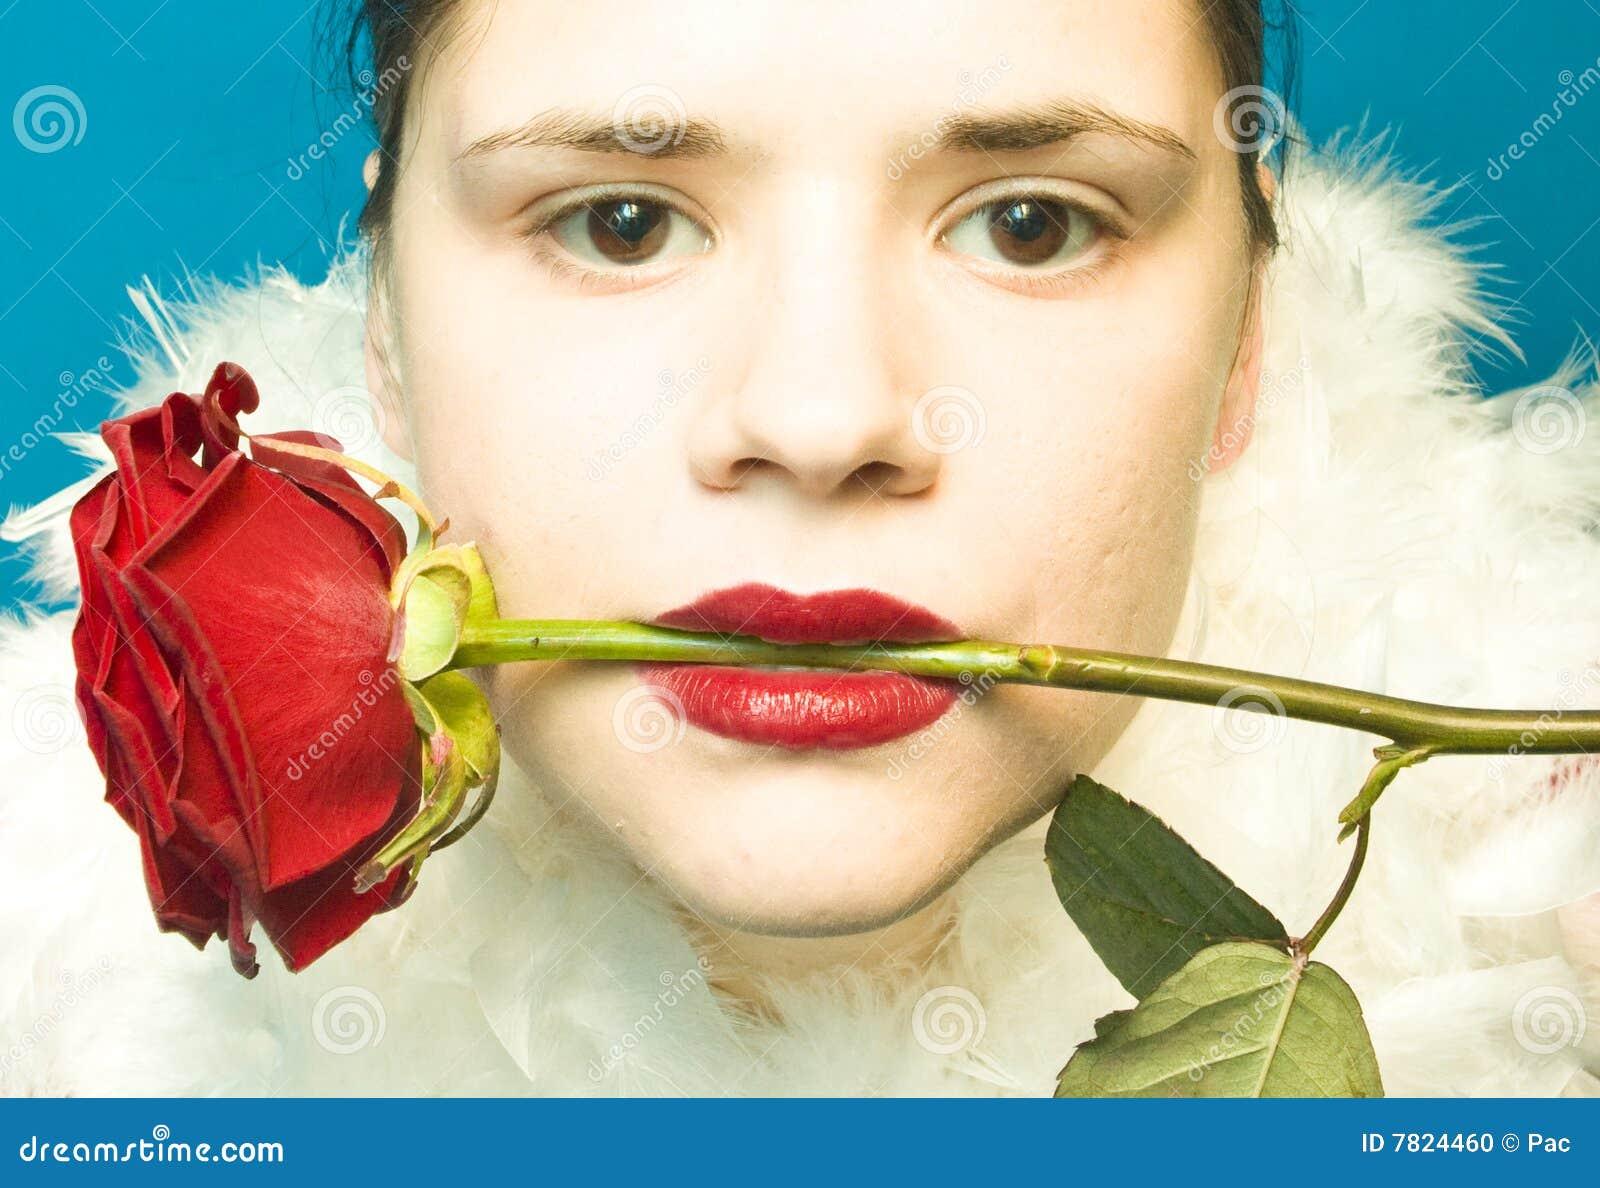 Cảm Cười...chơi - Page 4 Woman-red-rose-mouth-7824460